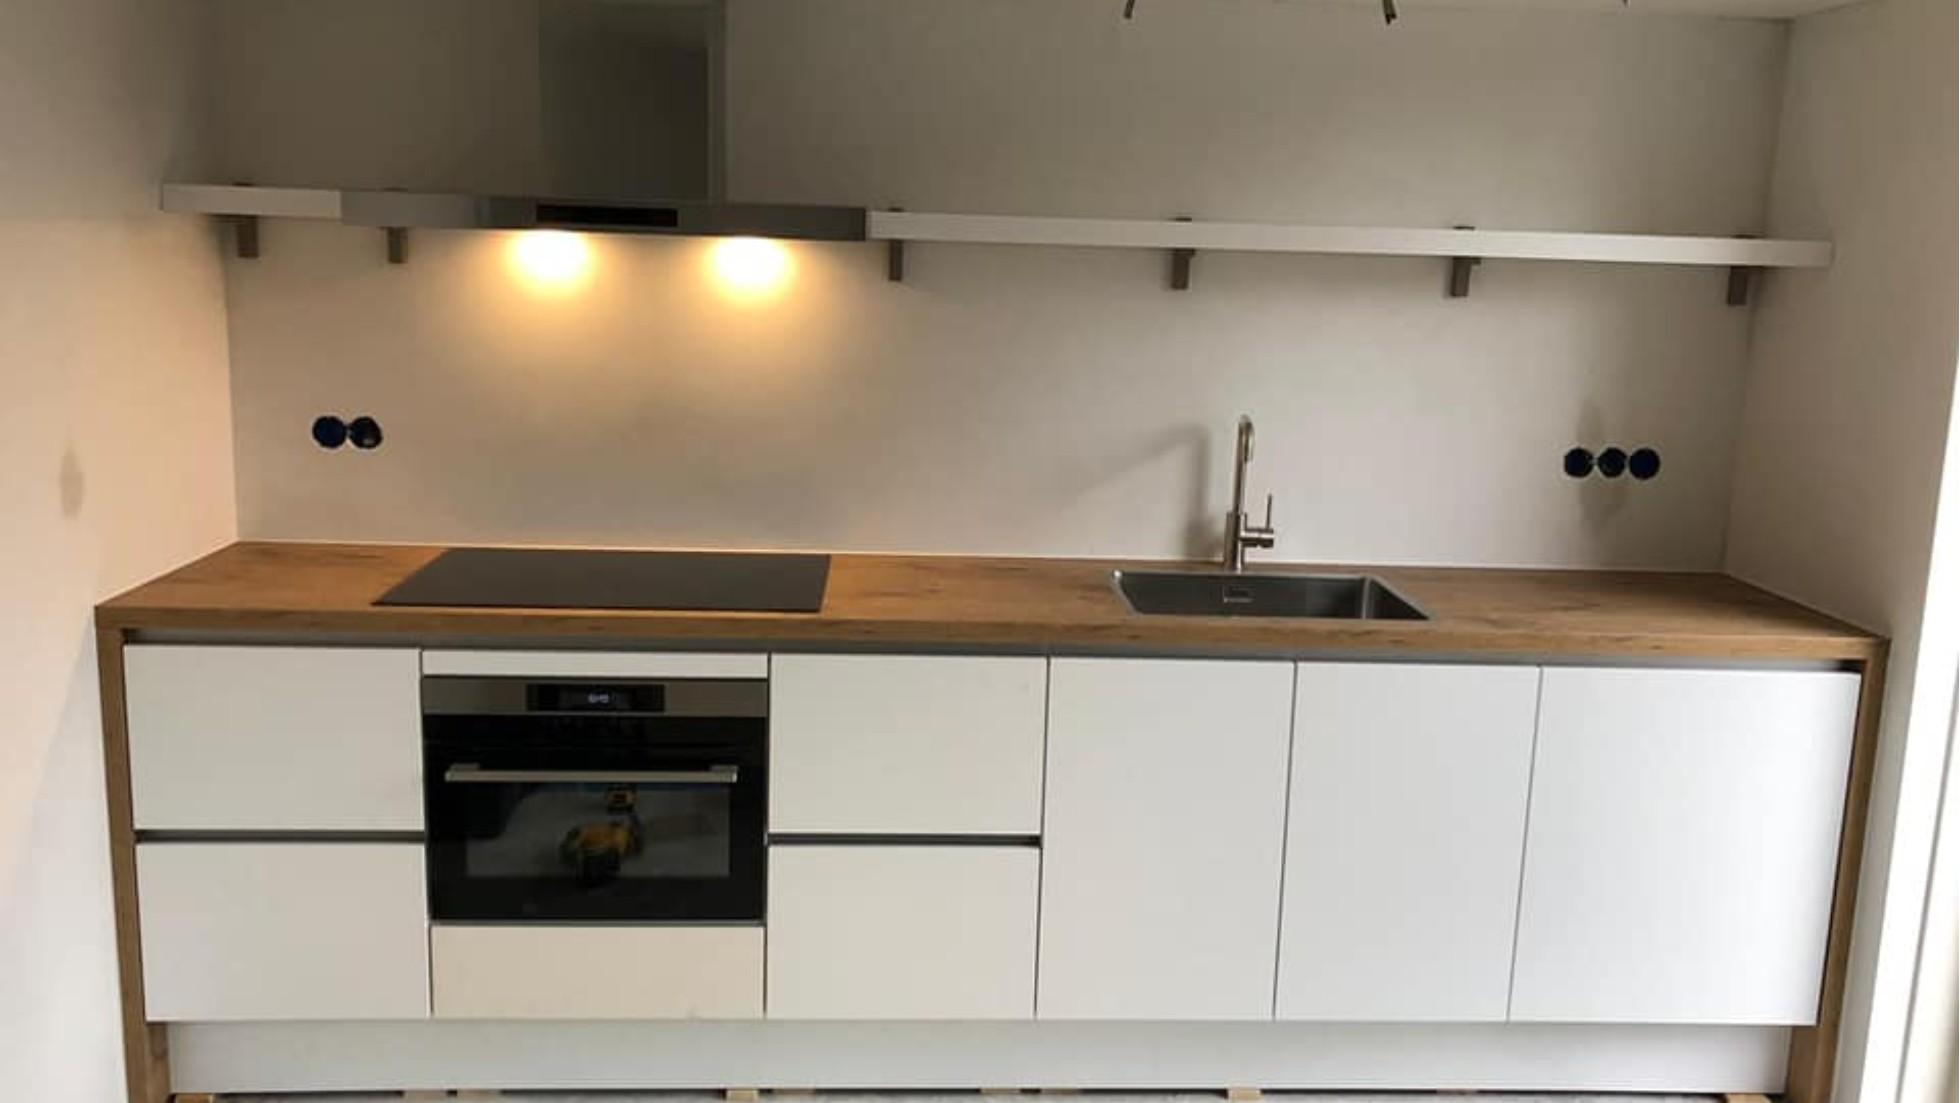 Primo Keukens Keukens Bij Onze Klanten Mat Wit Met Warm Hout Omlijst Van Nobilia